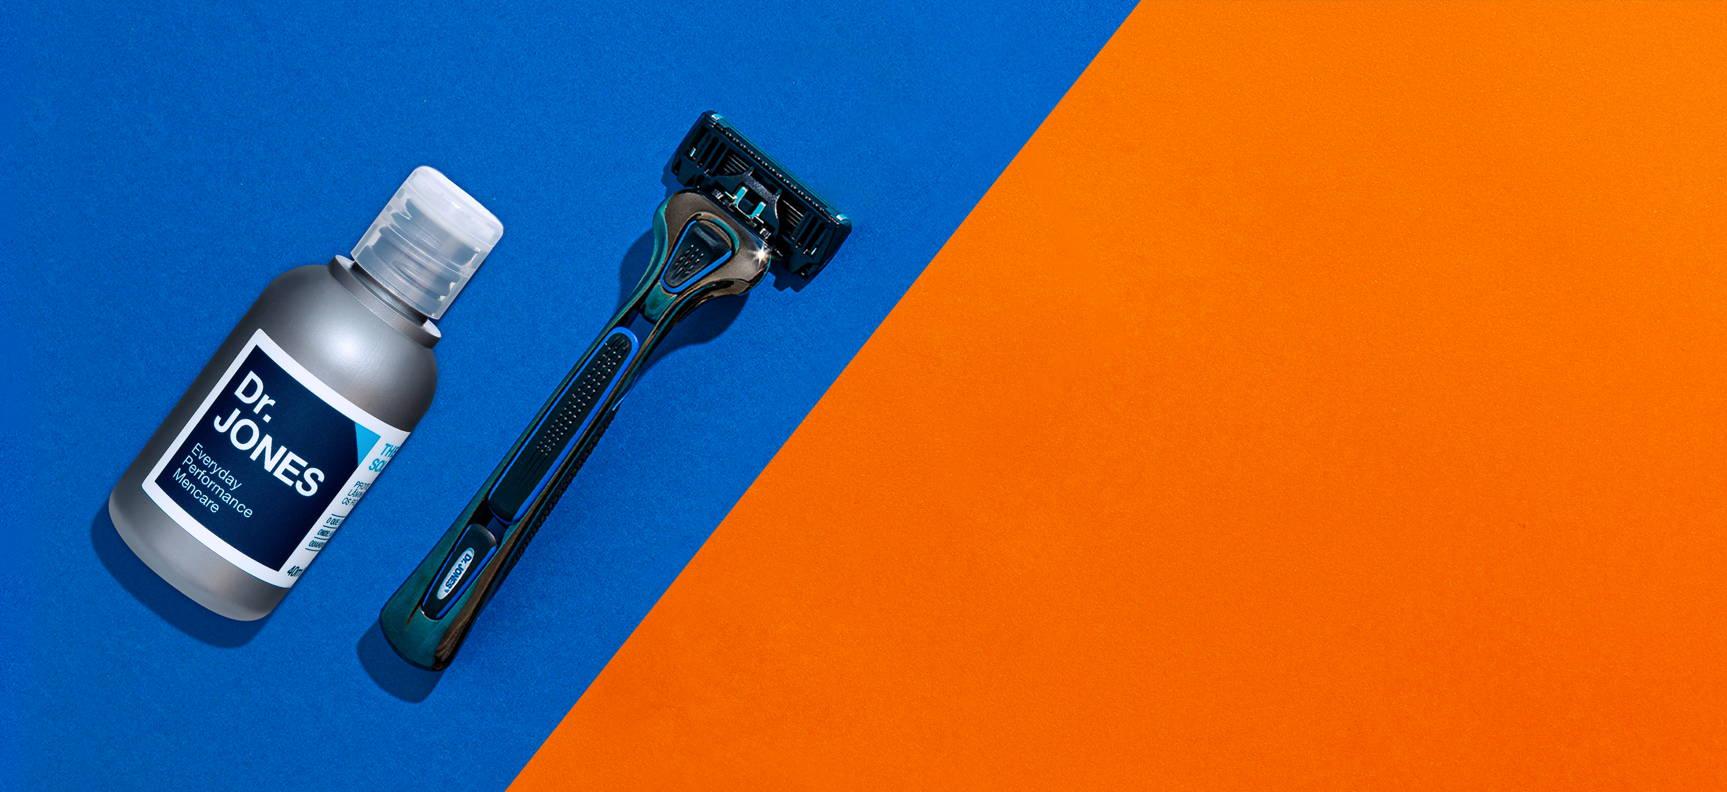 Mini Balm para barbear The Shaving Solution e Aparelho de barbear The Razor sobre fundo azul e laranja